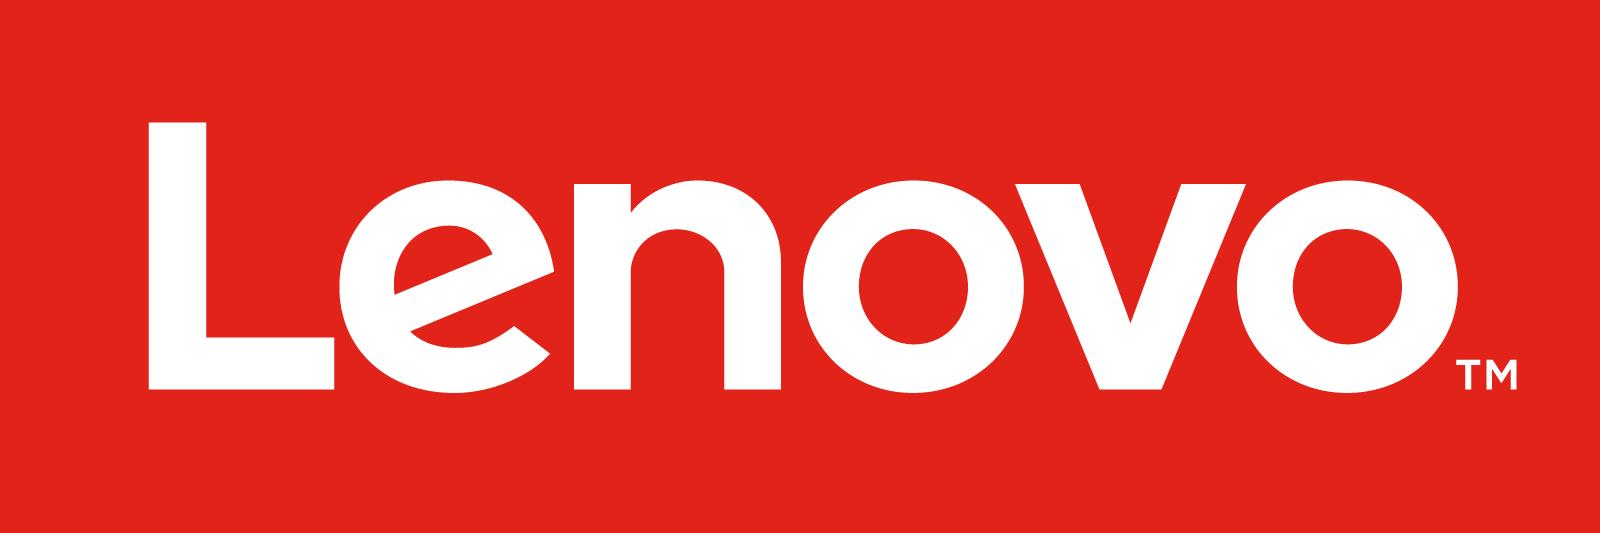 Lenovo Tecnologia Brasil Ltda